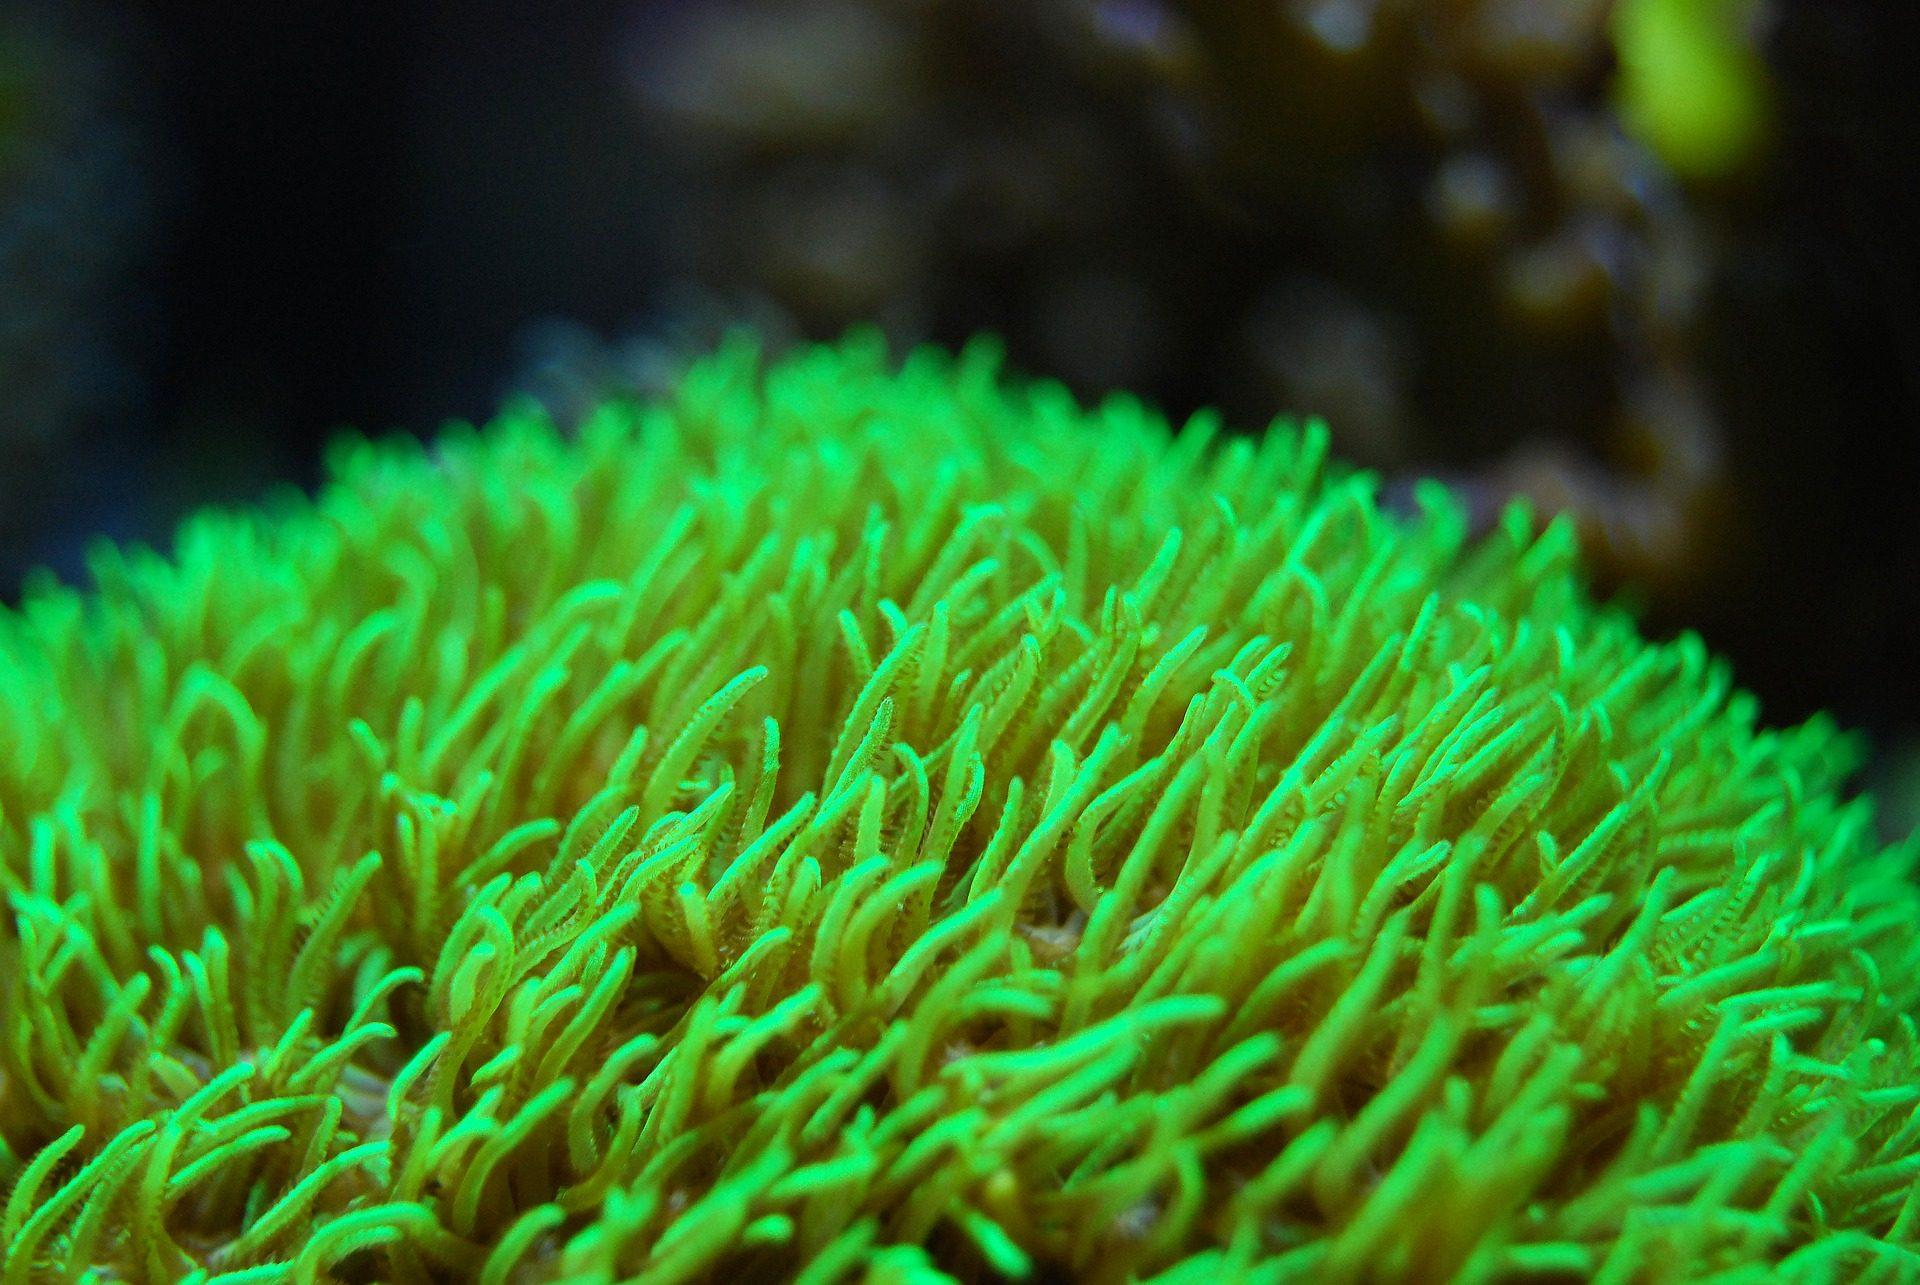 كورال, الشعاب المرجانية, البحر, المحيط, البحرية - خلفيات عالية الدقة - أستاذ falken.com